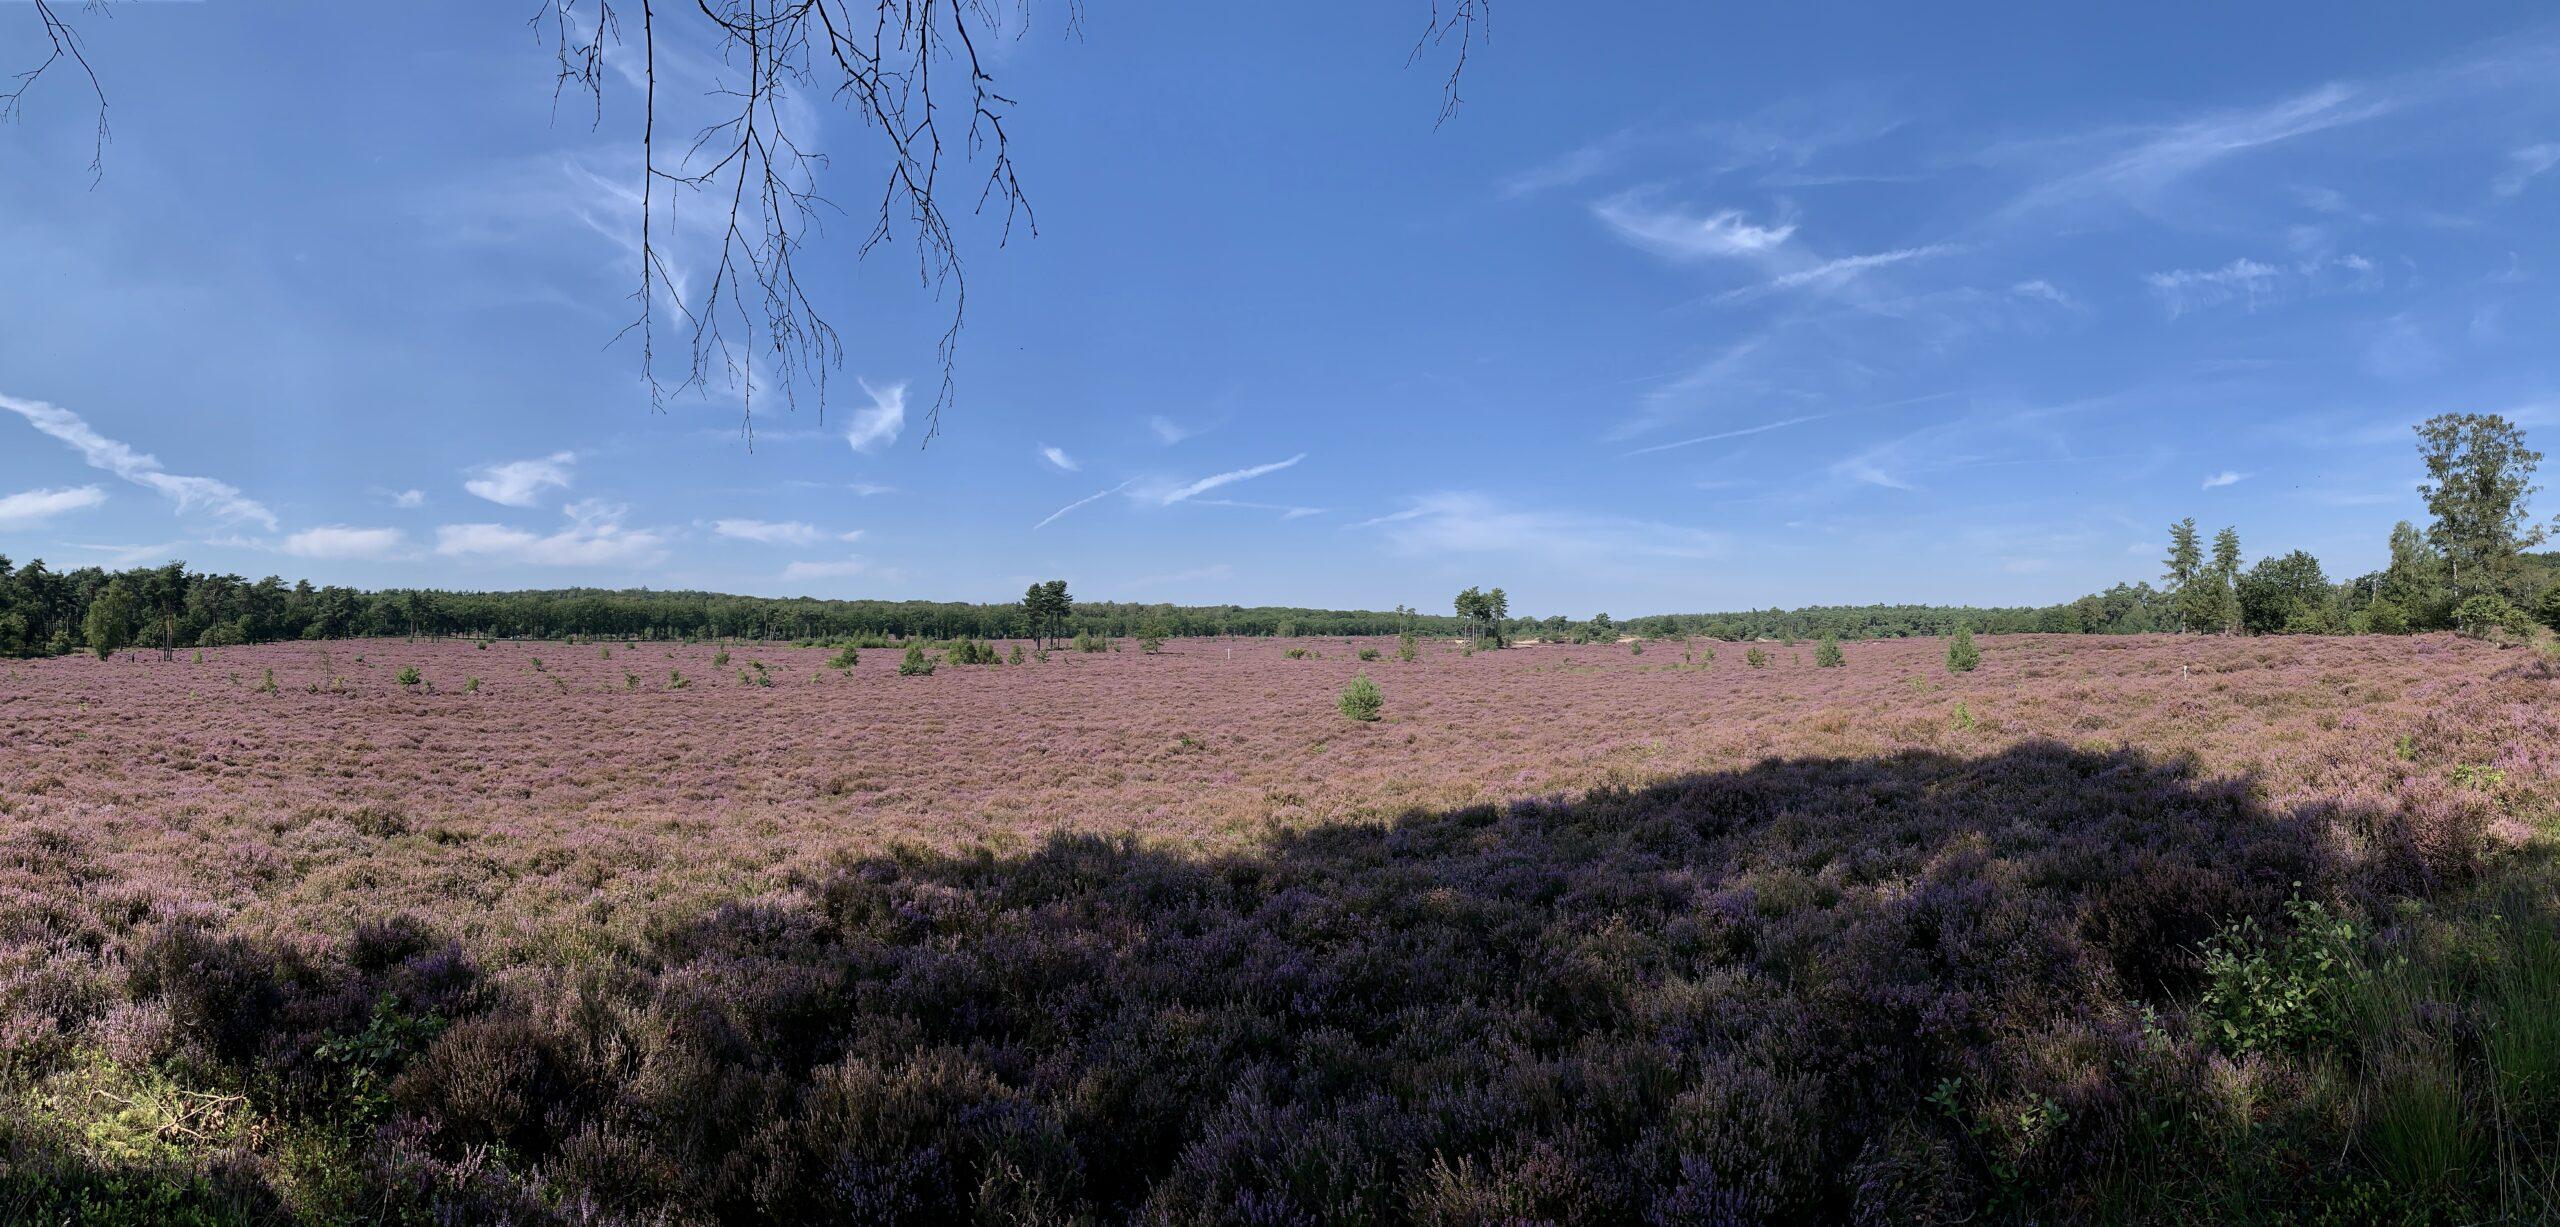 Heath land Leusderheide is surrounded by agricultural land. (c) Carien J. Touwen